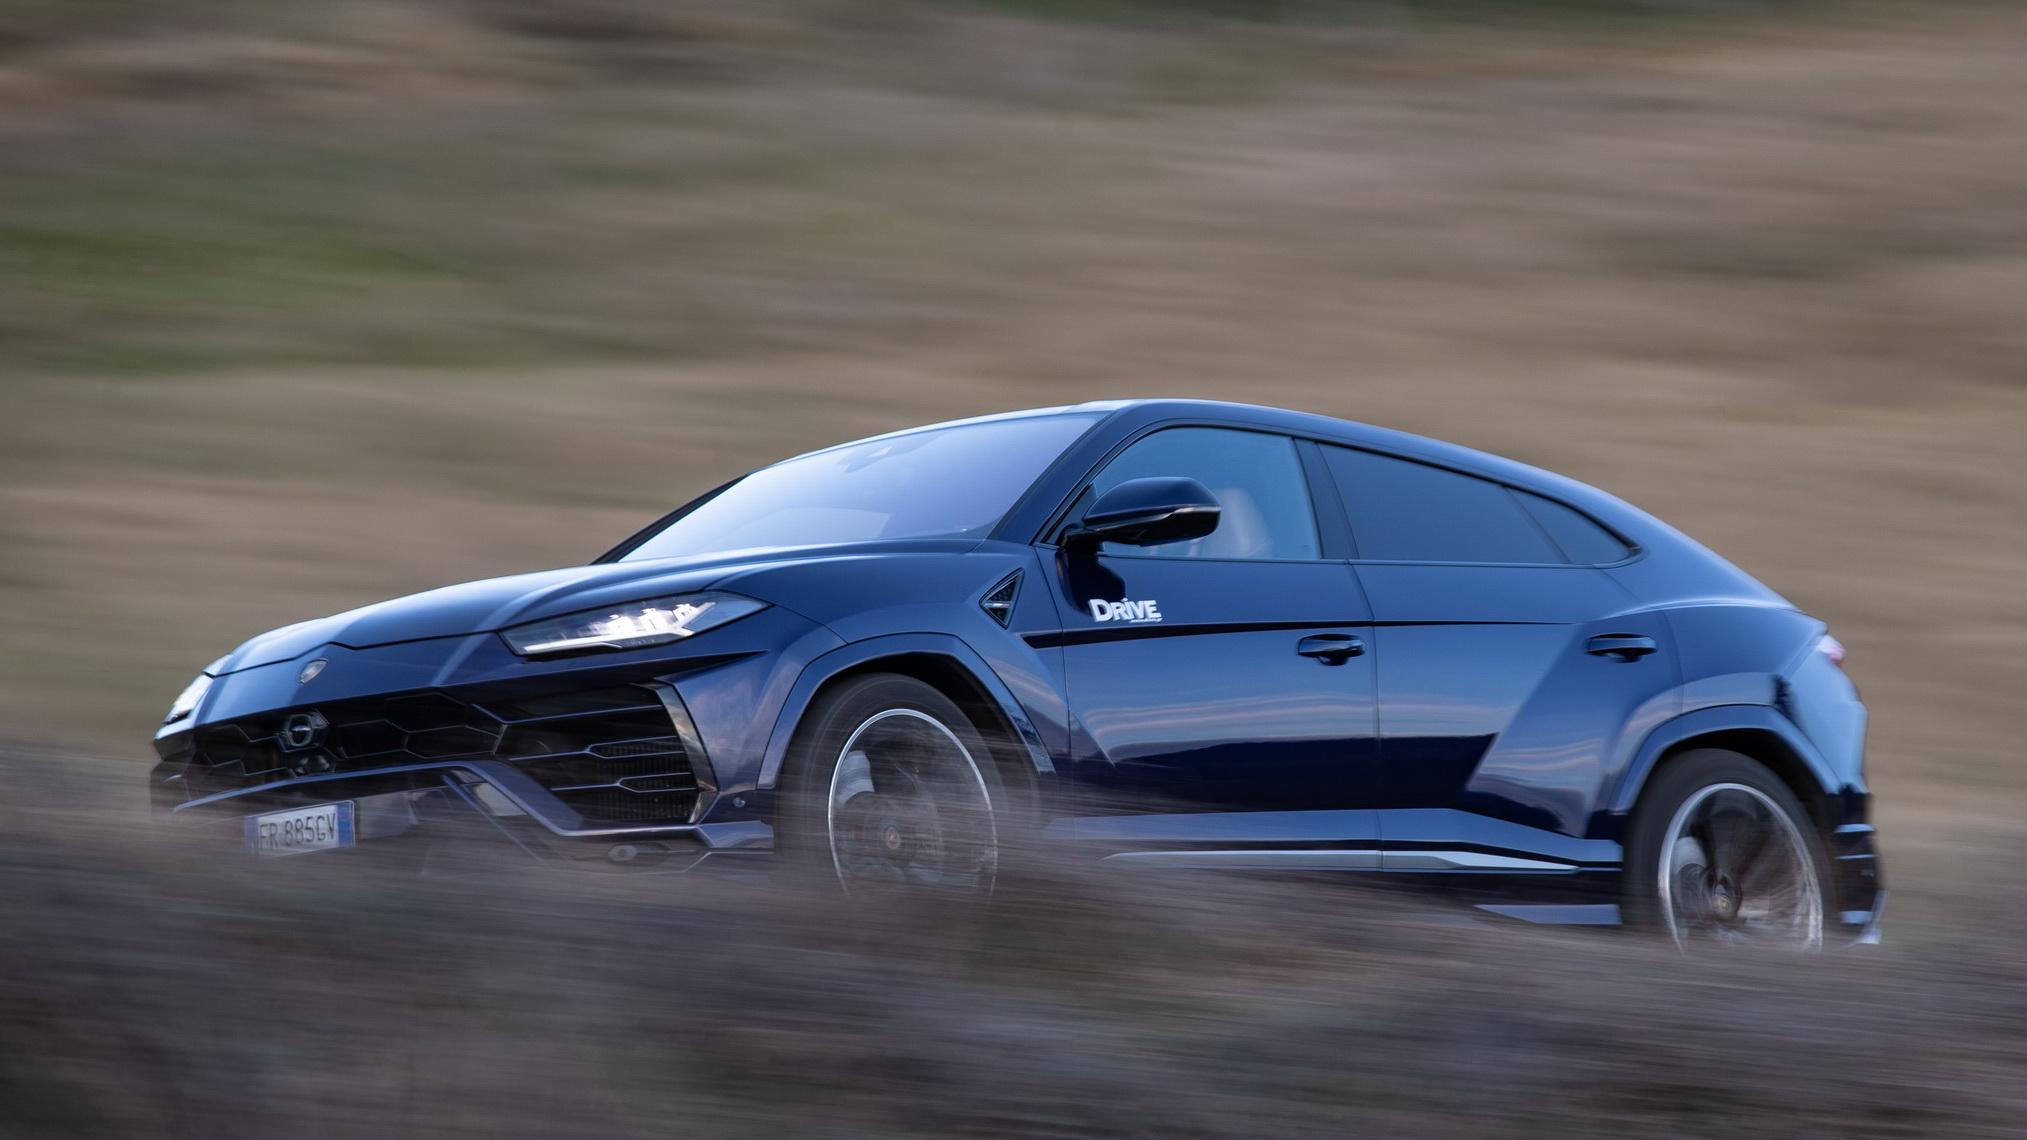 Χάρη στην Urus, η Lamborghini δεν θα επηρεαστεί από την κρίση!